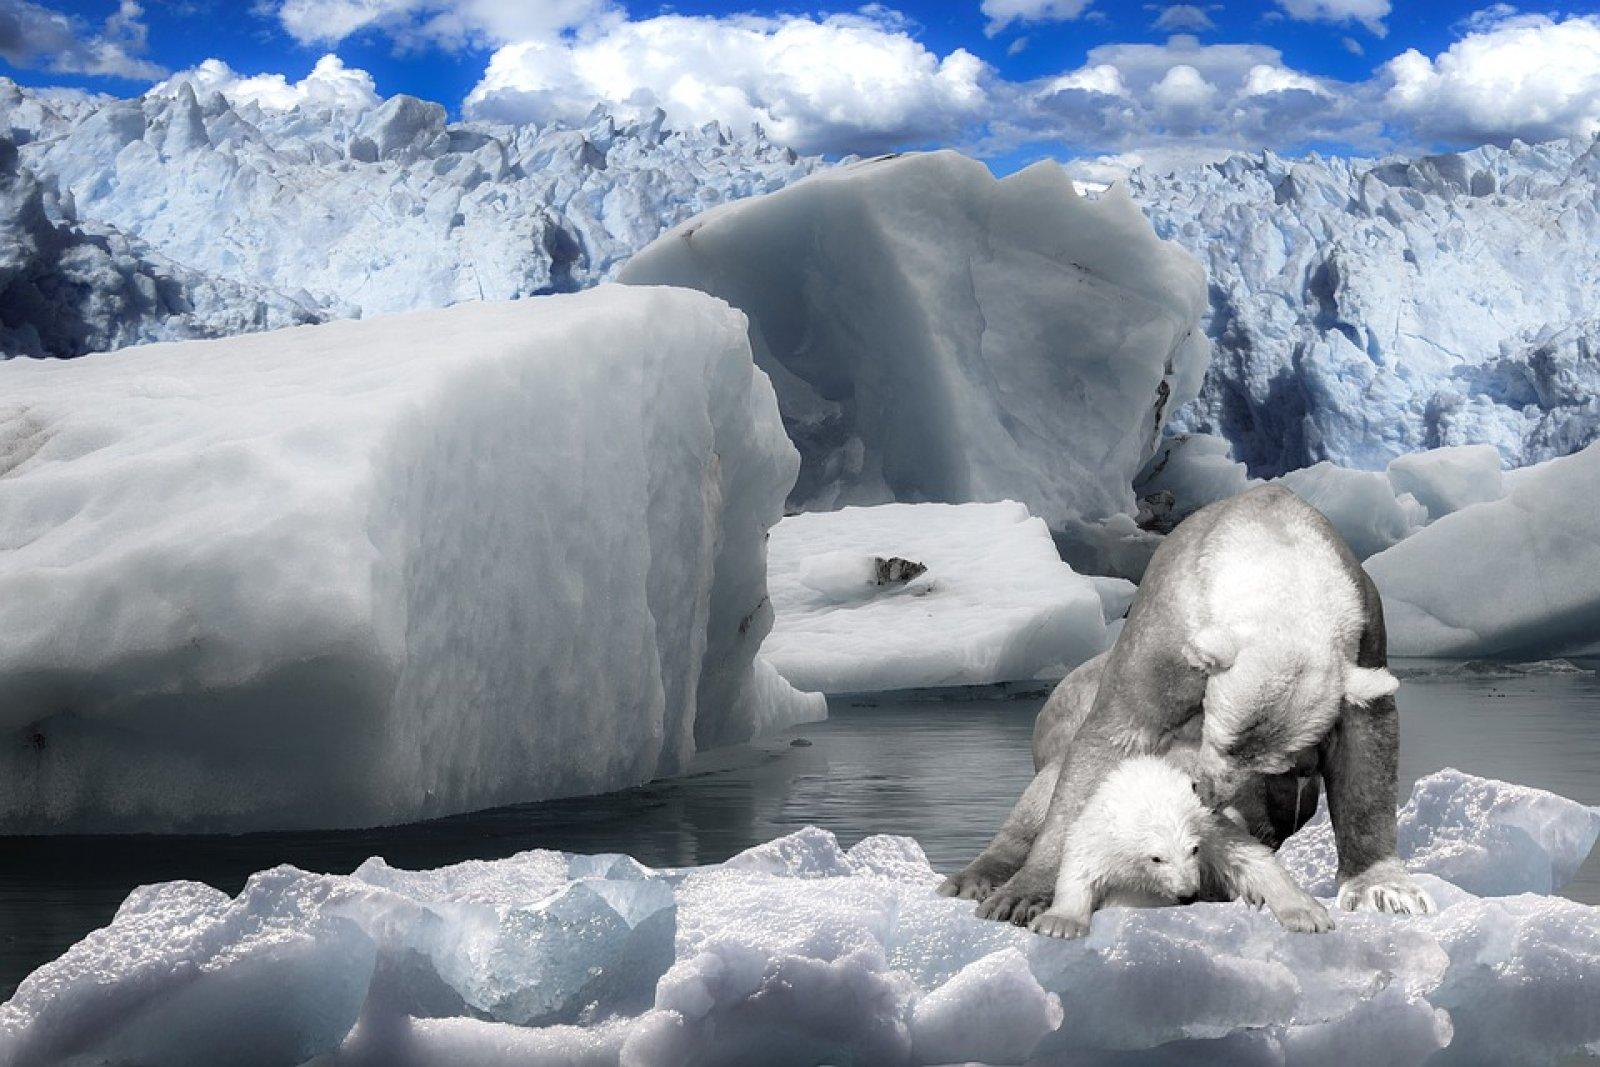 Aquest centre vol millorar les condicions de vida a l'Àrtic